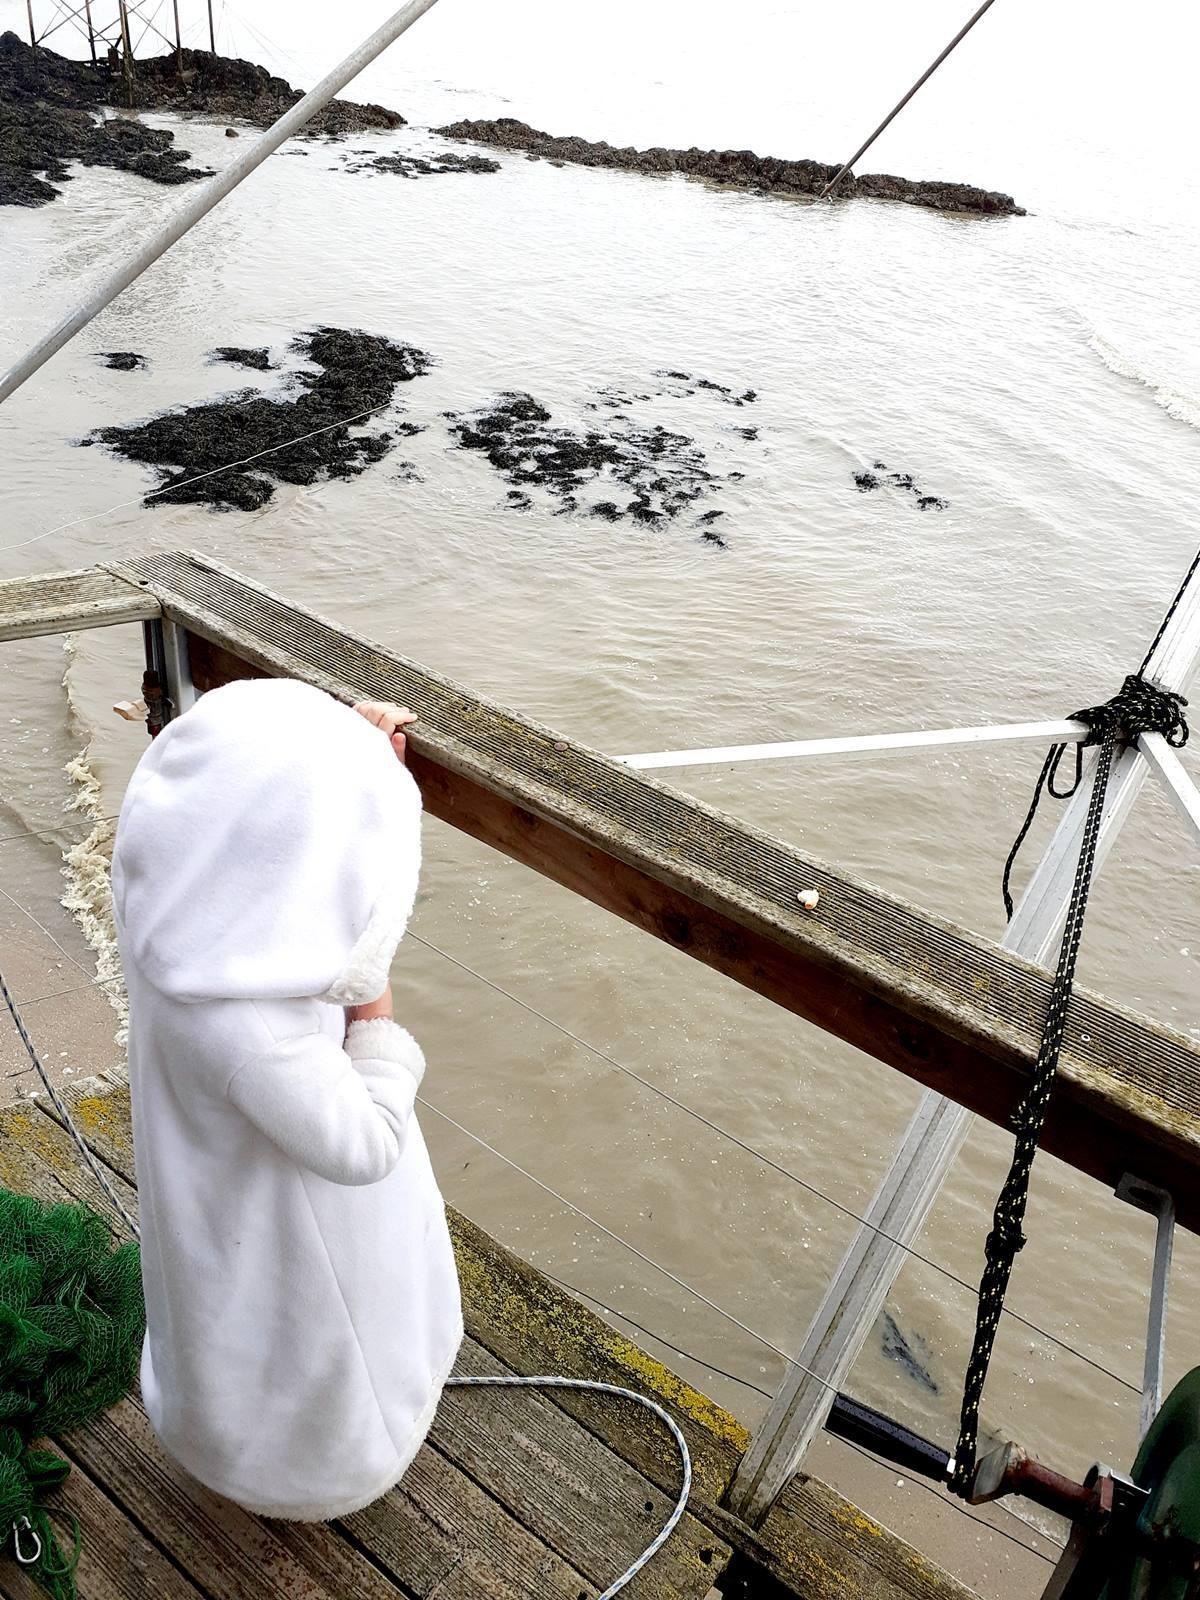 Pecherie 172 saint nazaire loire atlantique20200307 181052